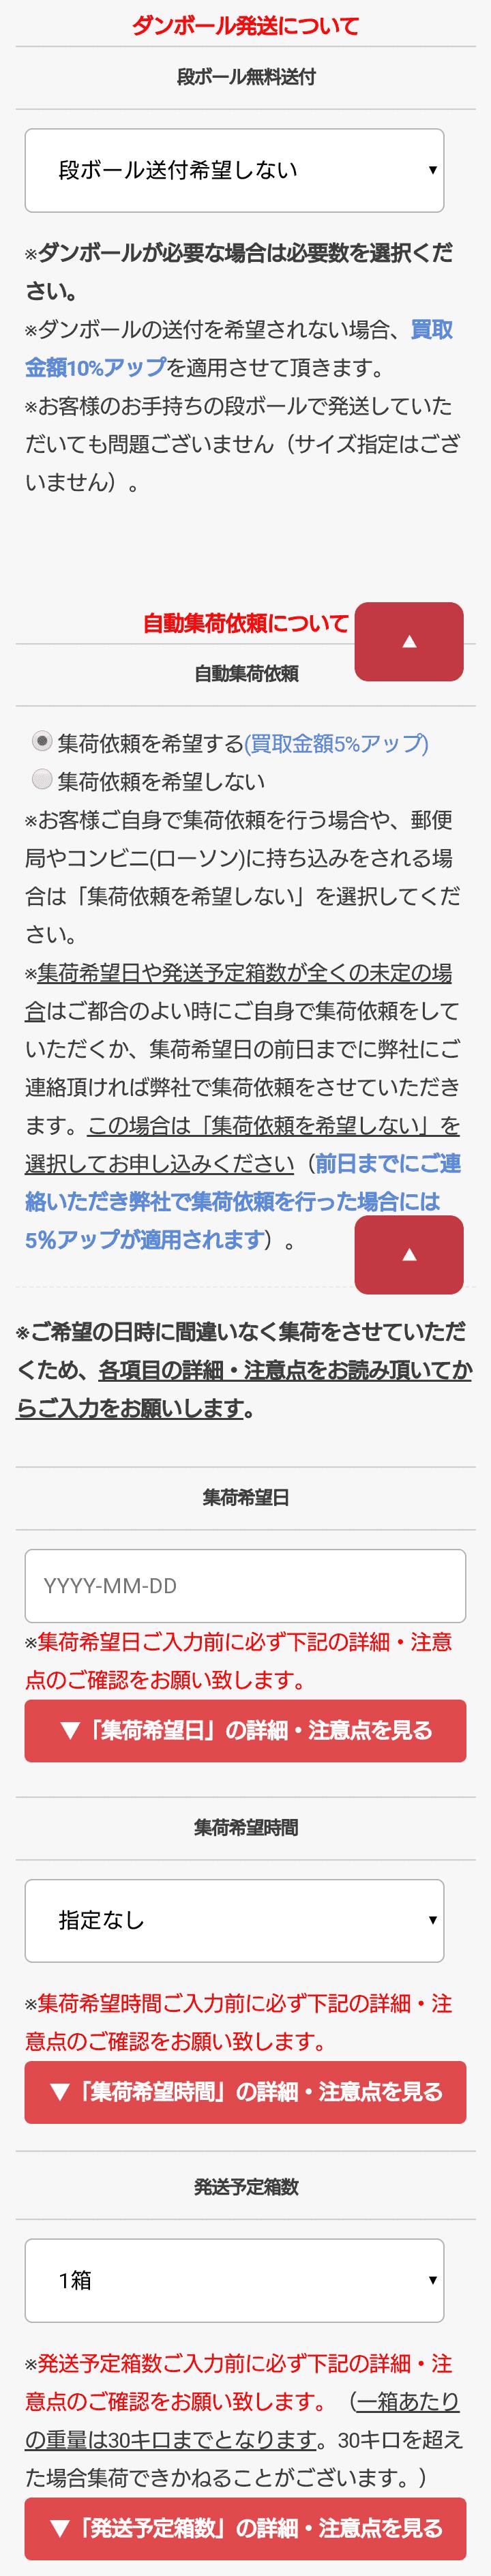 【売り方】学参プラザの宅配買取の流れ